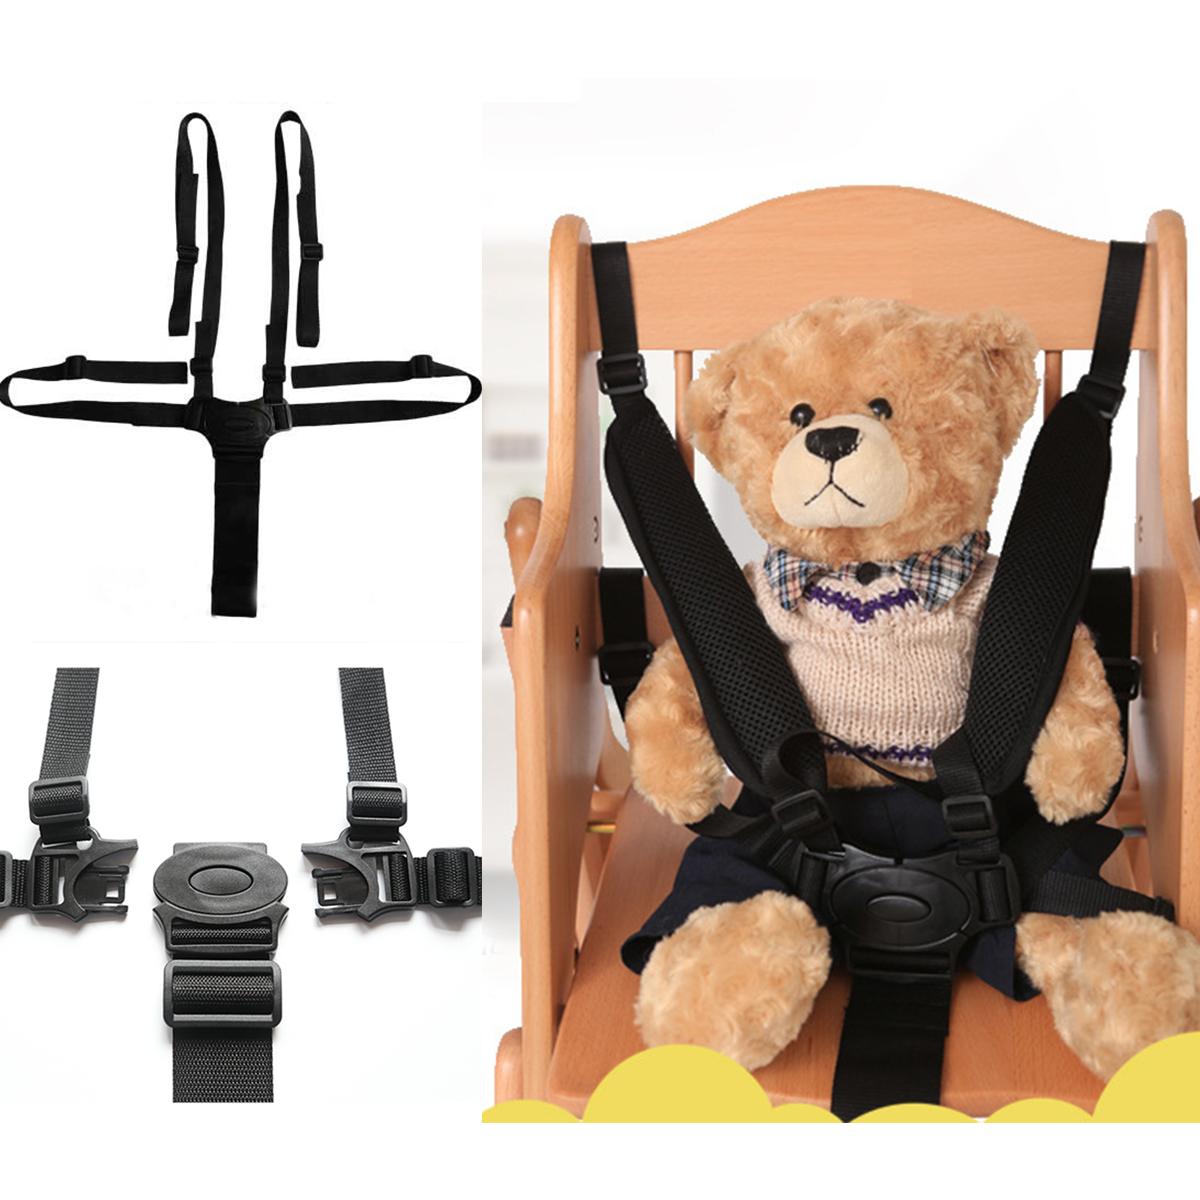 Переносная детская коляска для колясок Пятиточечная ремня безопасности Прогулочная коляска 5-точечная коляска с ремнём безопасности фото